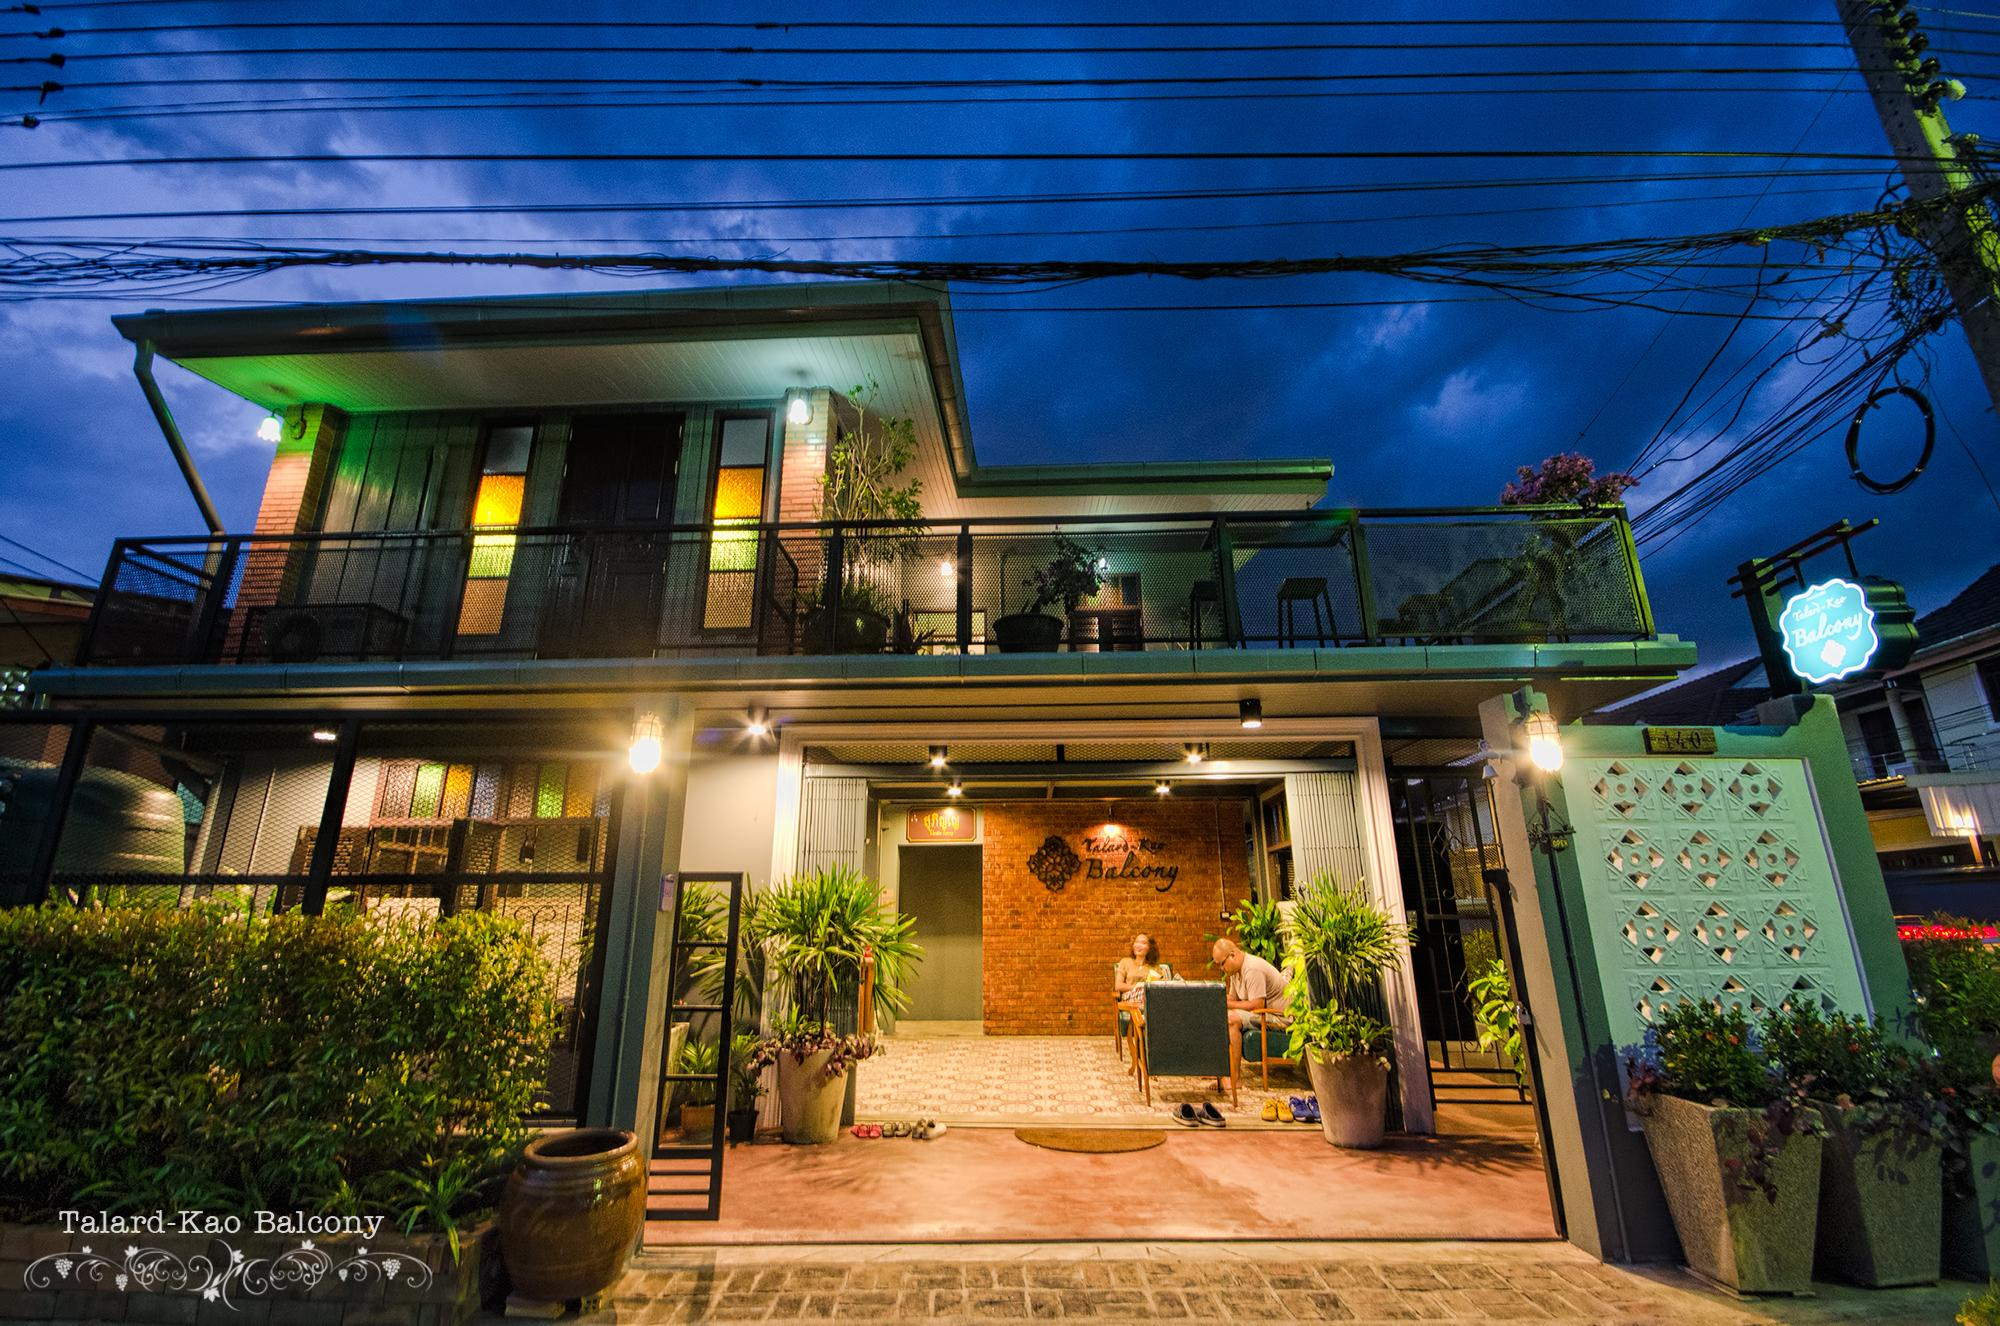 Talardkao Balcony Krabi House